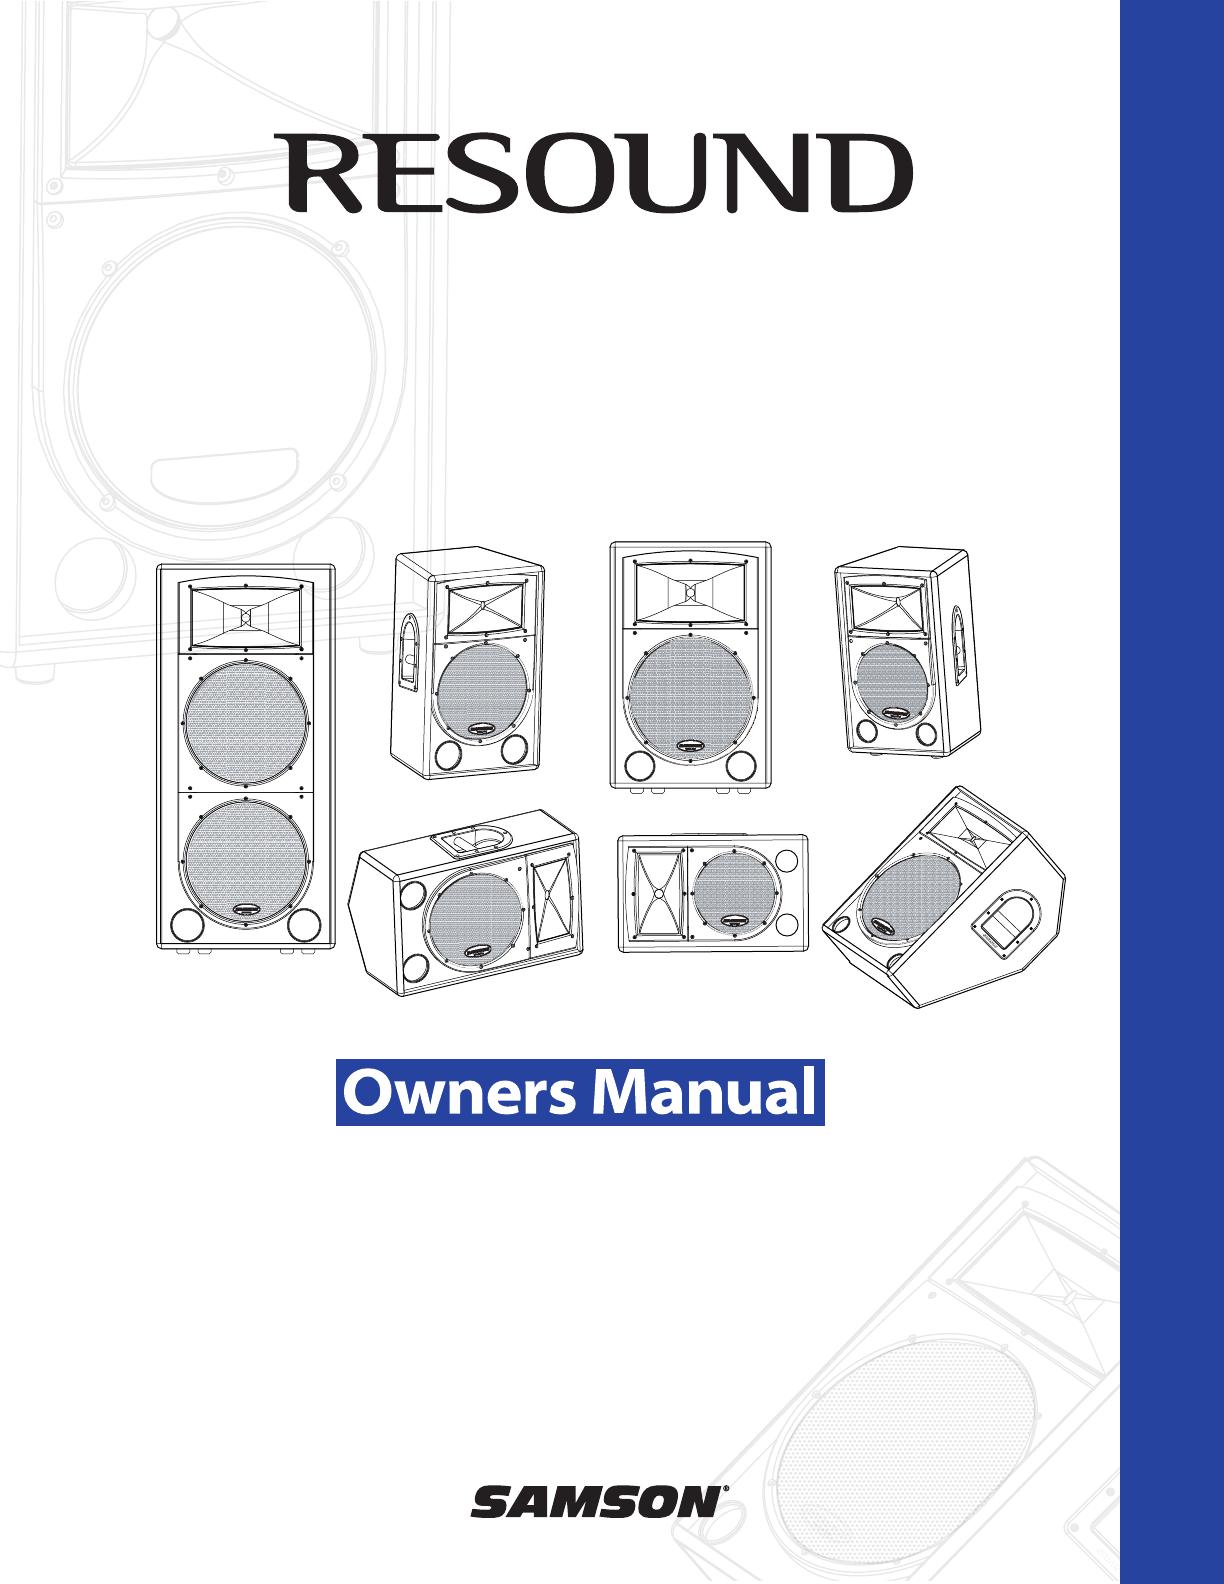 samson portable speaker rs215 user guide manualsonline com rh portablemedia manualsonline com Sony Handycam Operating Guide Sony Handycam Operating Guide